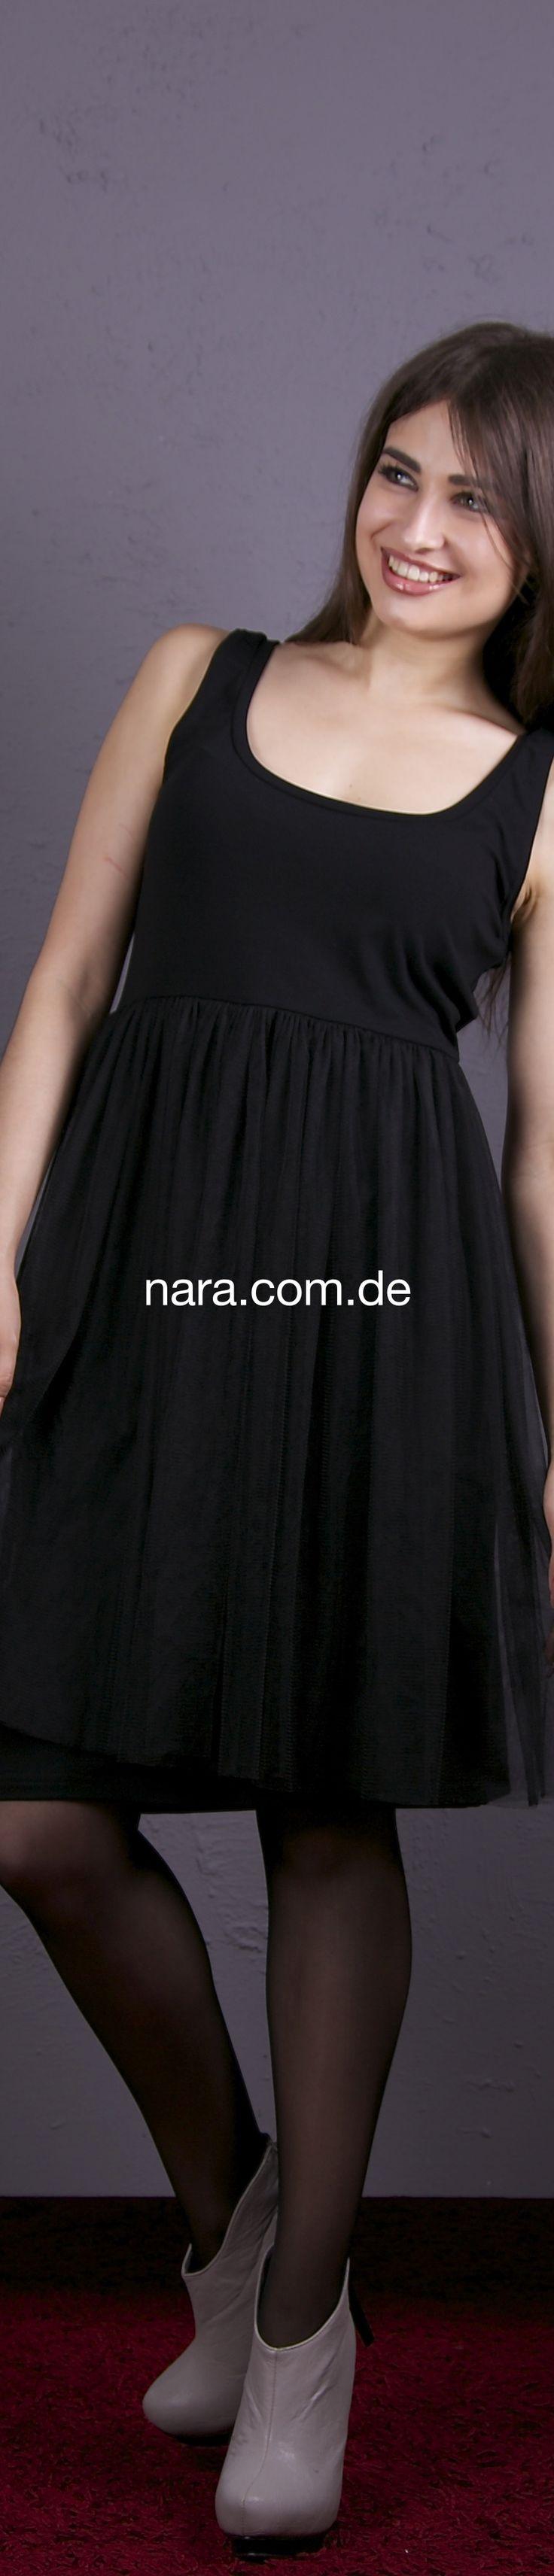 www.nara.com.de   Abendkleid, Ballkleid,  Abschlussballkleid, Galarobe, festliches Kleid, pure Glamour, Festliche Robben, schulterfreie Kleider, Maxikleid, Asymmetrisches Kleid,  ***Cocktailkleid, Partykleid, Volantkleid, Außergewohnliches Abend Cocktaikleid sehr aufwendiges Kleid, das etwas andere, Paillettenkleid, One-Shoulder-Kleid, Minikleid, enges Kleid, sexy Kleid, kurzeskleid, Bandeau-Kleider, Bustierkleid, Ballonkleid, Spitzenkleid, Babydoll Kleid